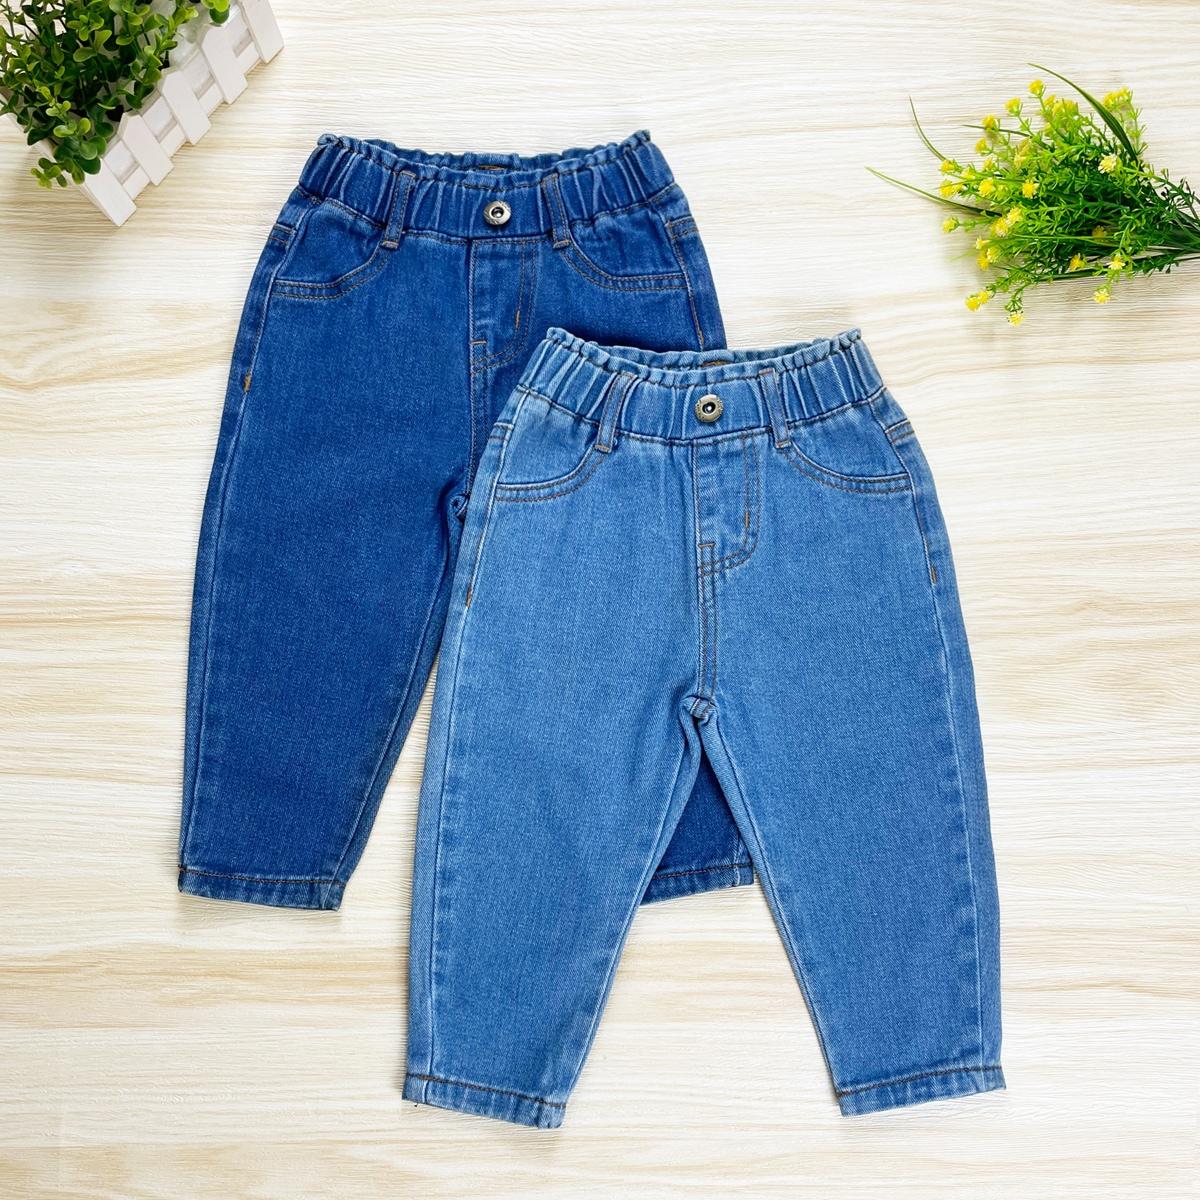 2шт Детские зауженные джинсы с эластичной талией от SHEIN